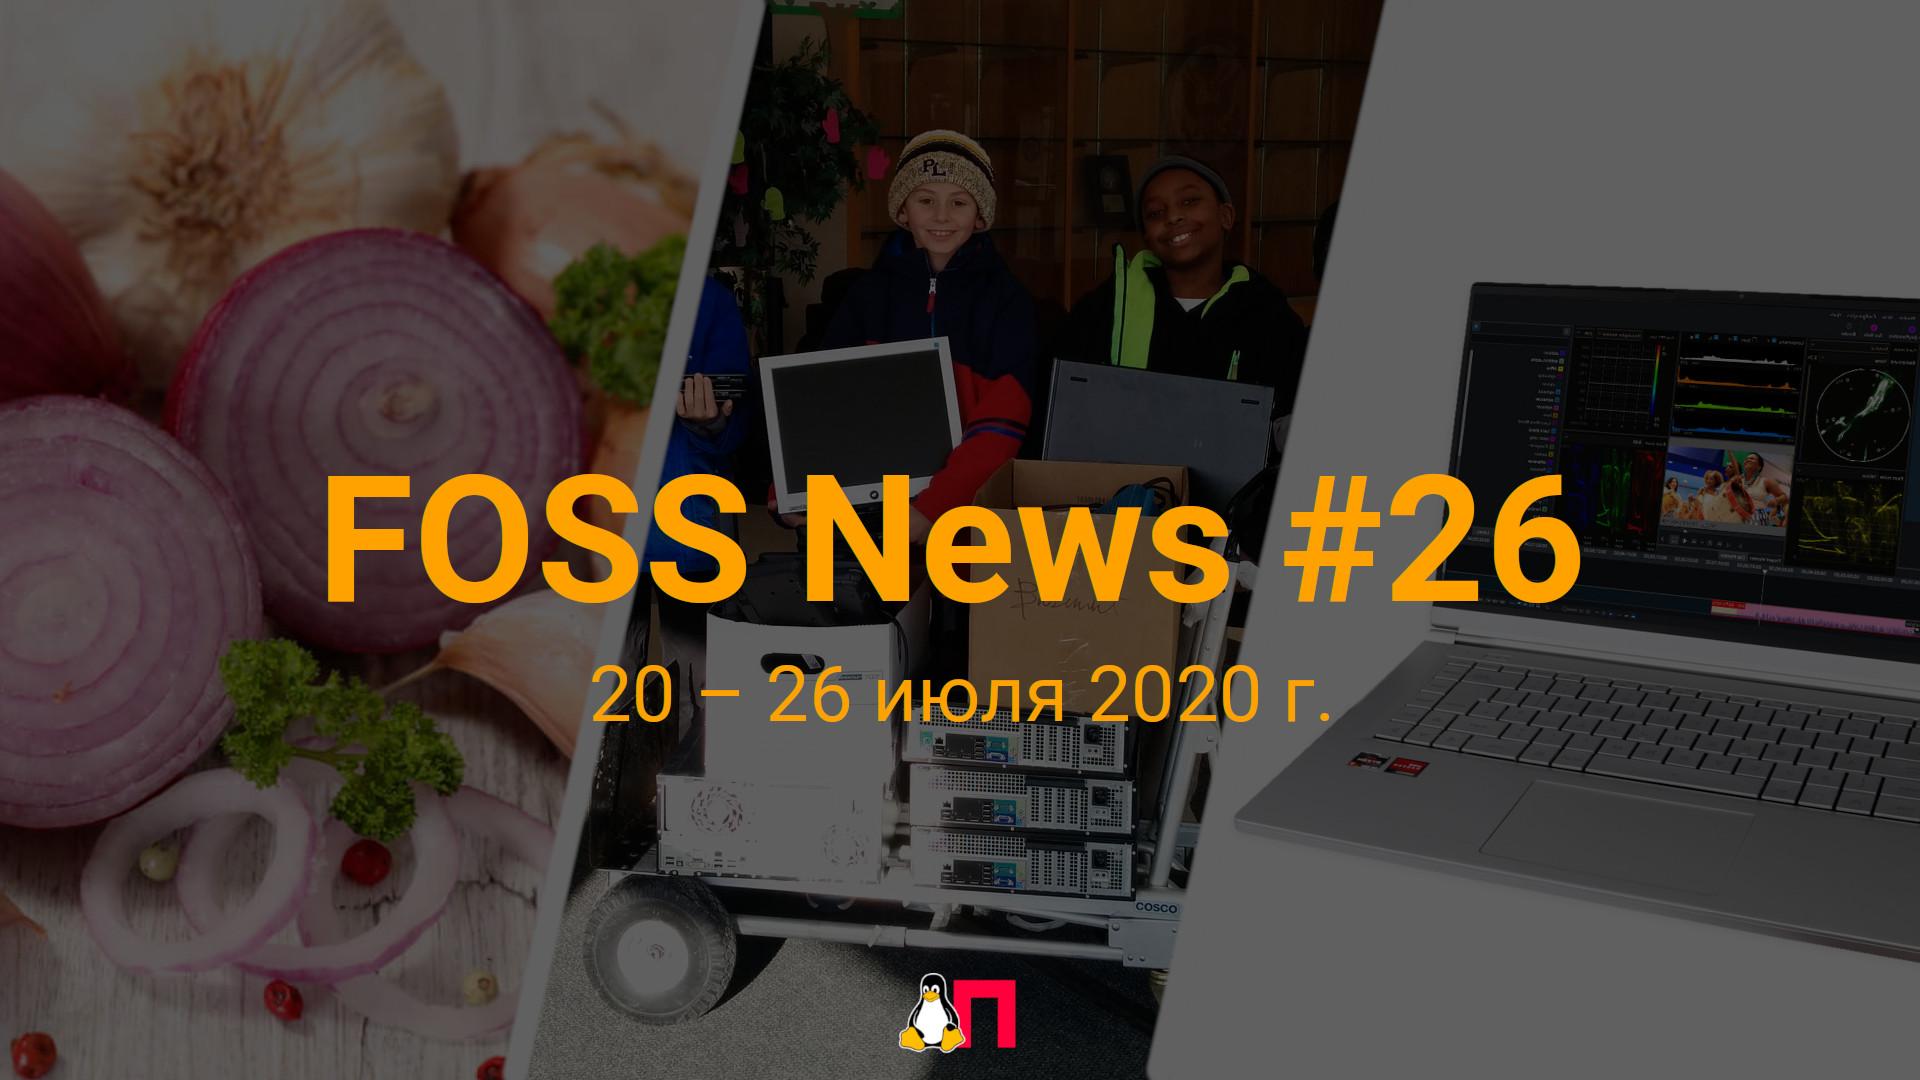 FOSS News 26  обзор новостей свободного и открытого ПО за 2026 июля 2020 года